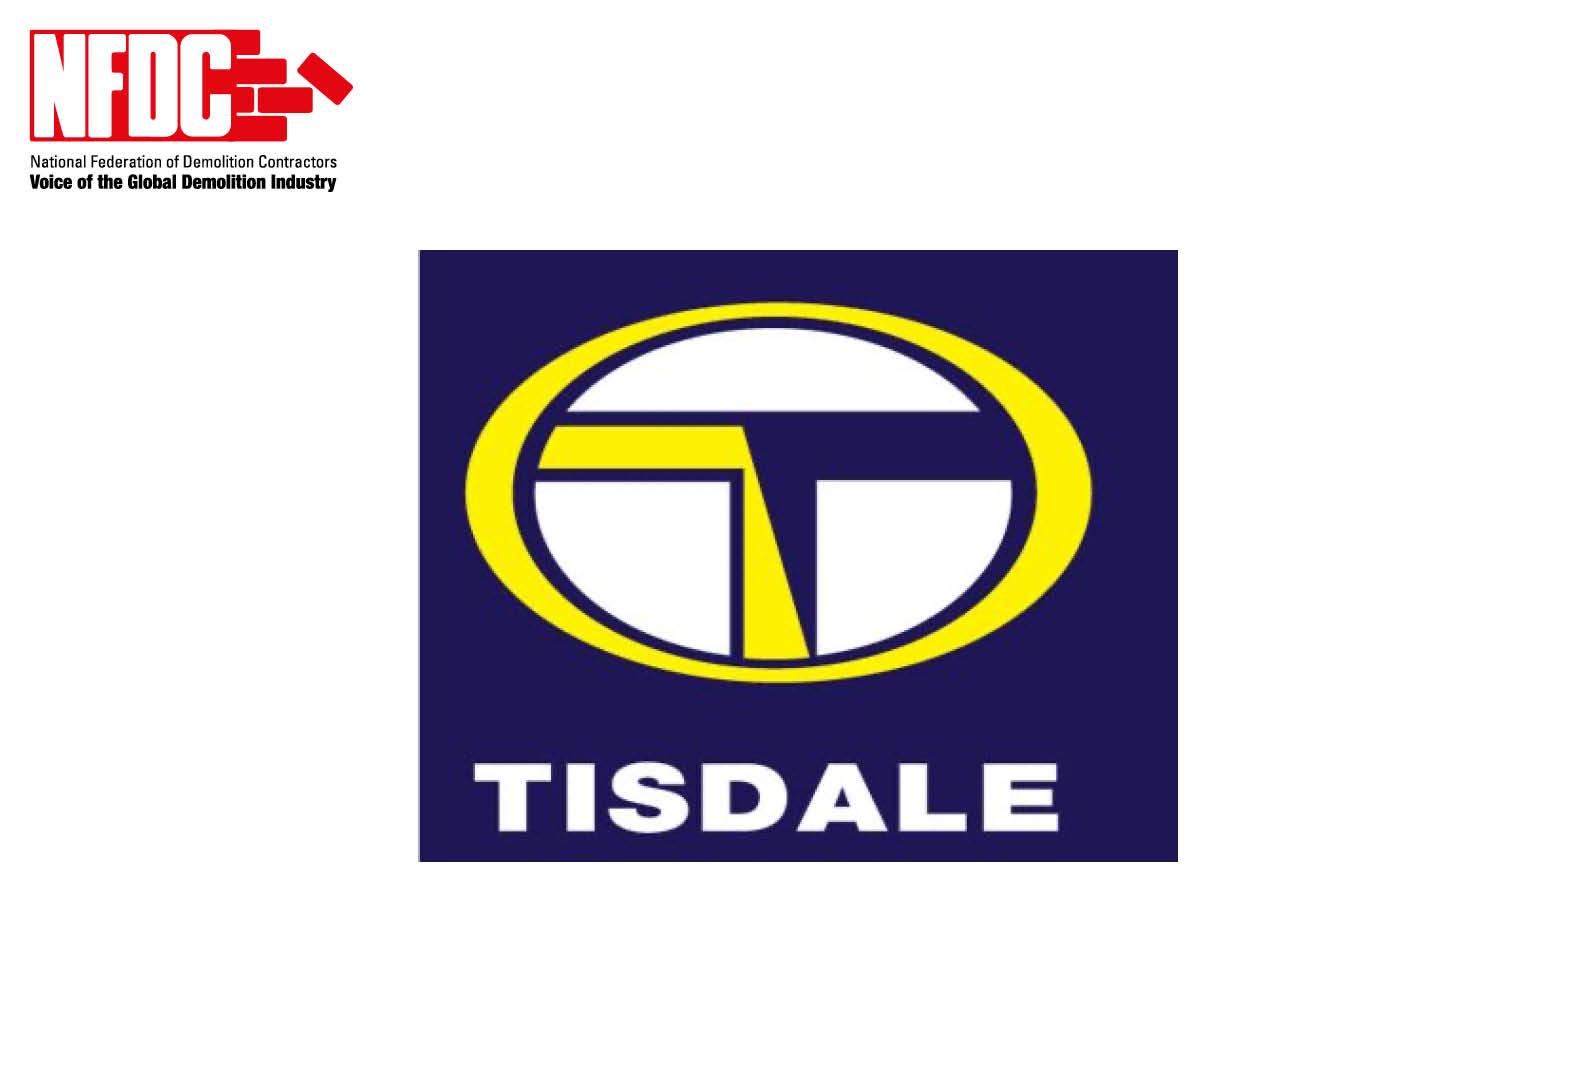 J P Tisdale